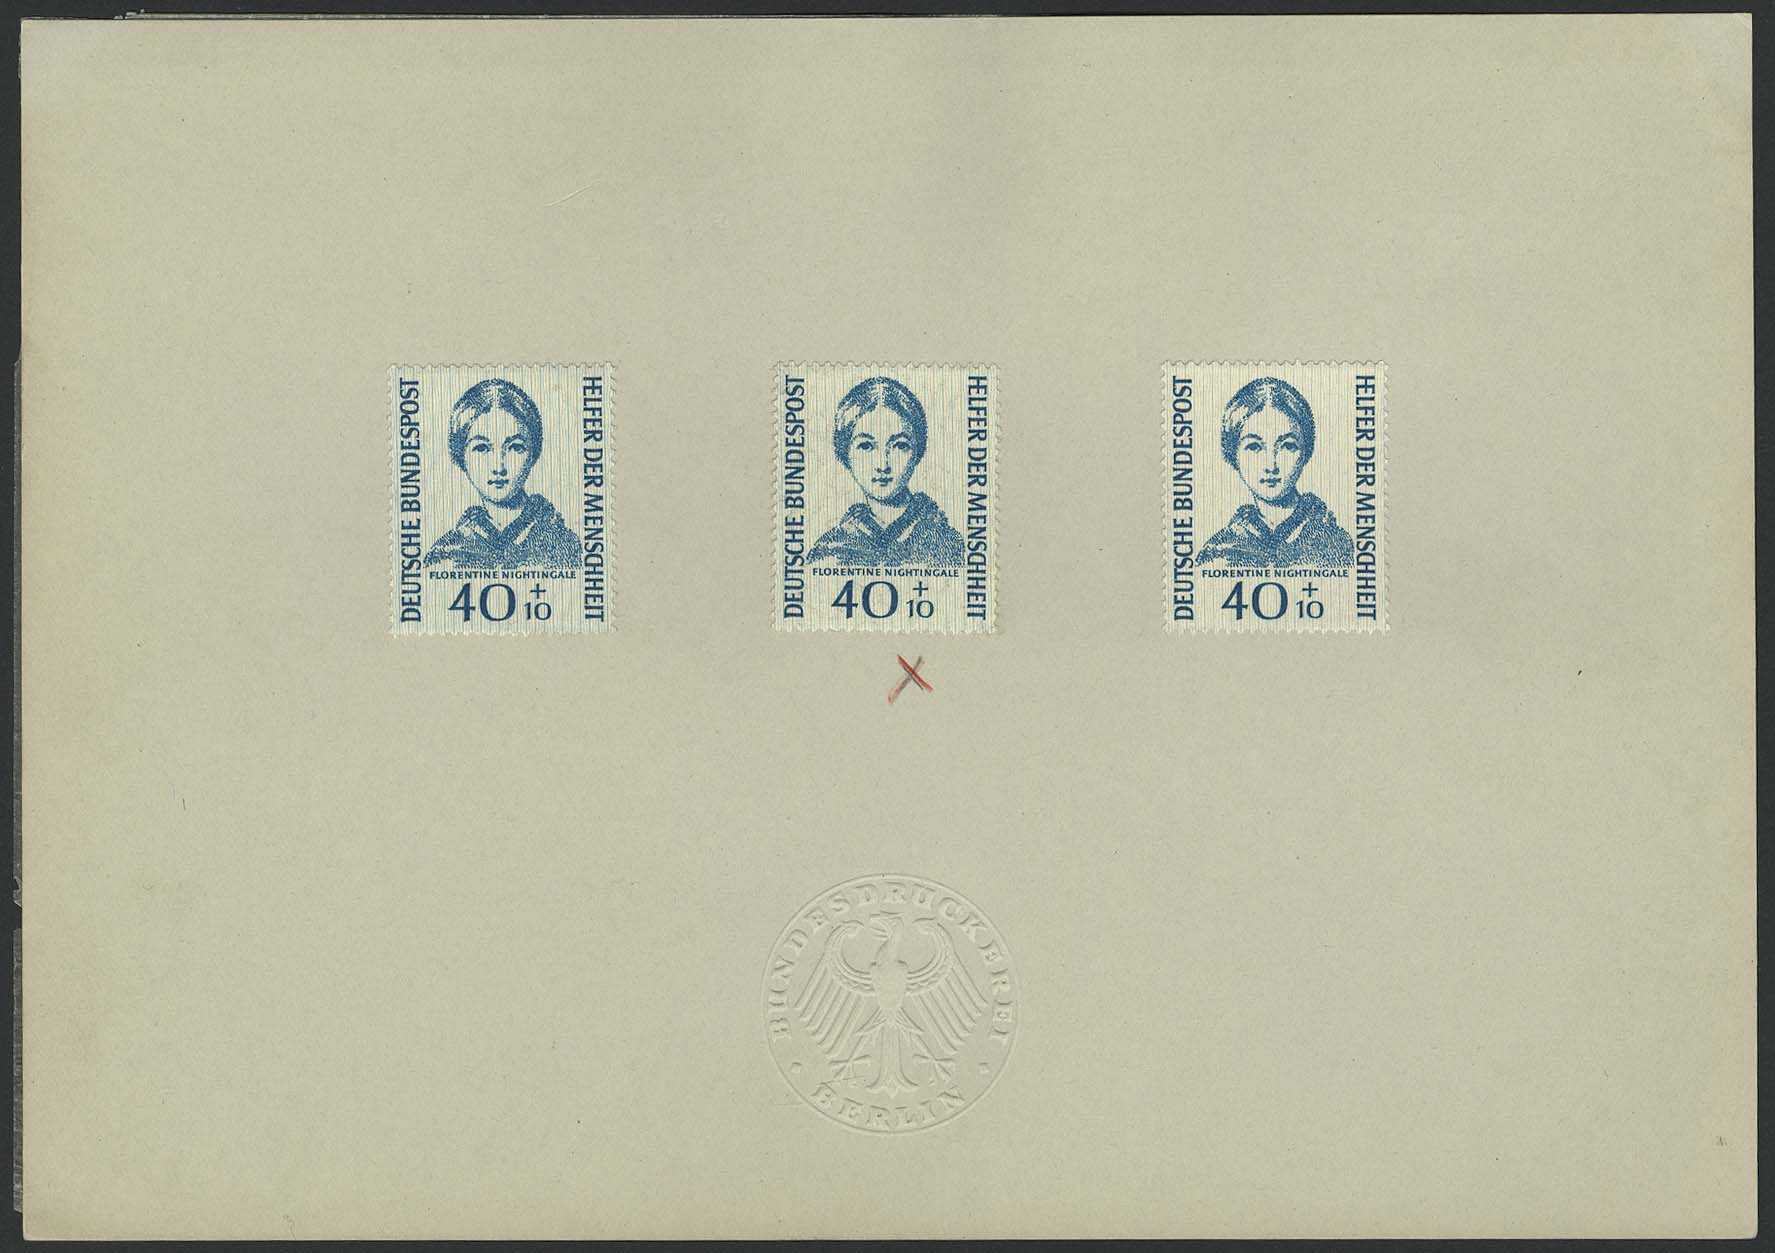 Lot 6616 - bundesrepublik deutschland Markenausgaben -  Auktionshaus Ulrich Felzmann GmbH & Co. KG